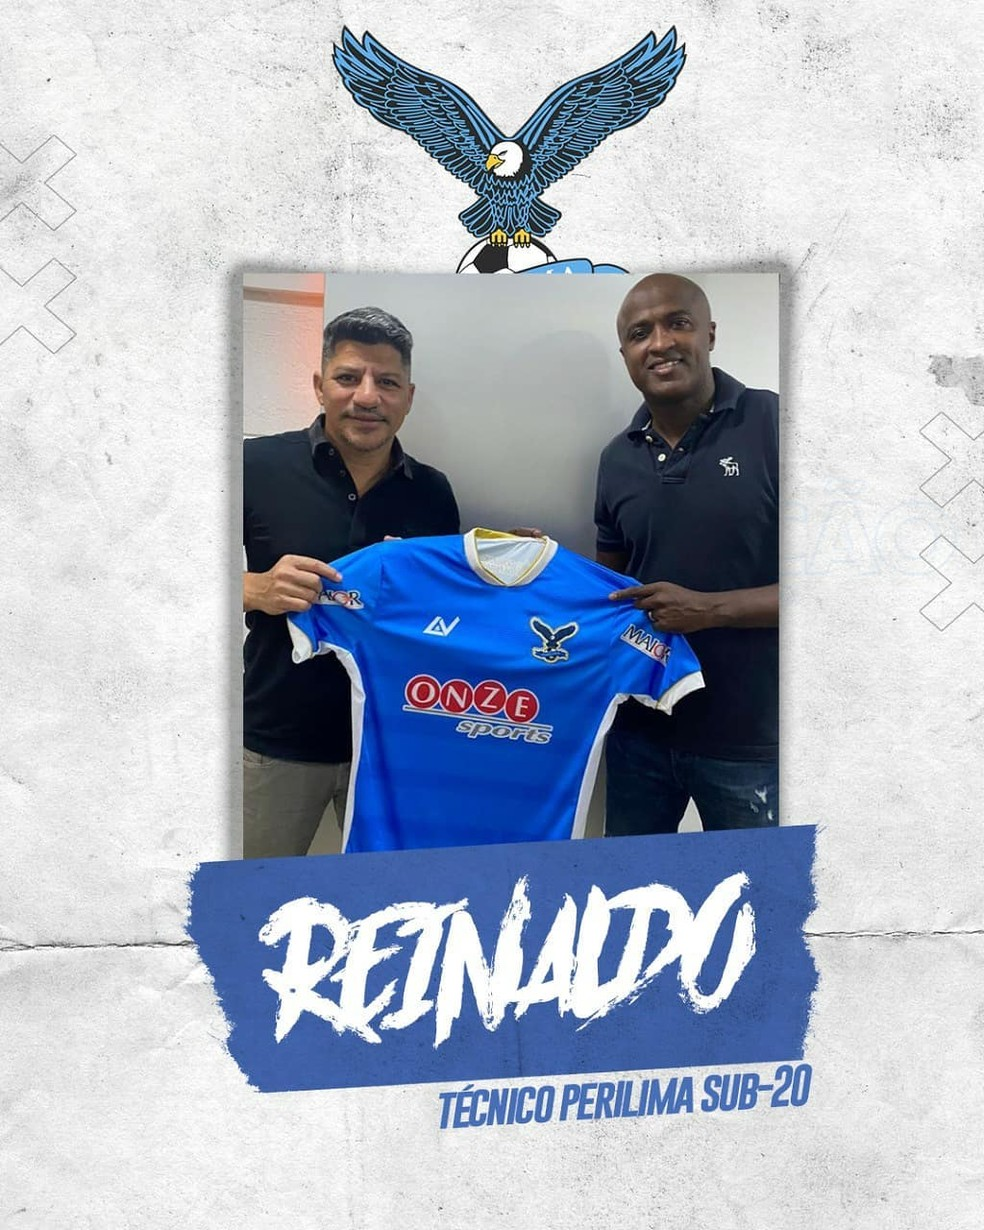 Perilima anuncia o ex-jogador Reinaldo como o novo treinador do time sub-20 — Foto: Divulgação / Perilima